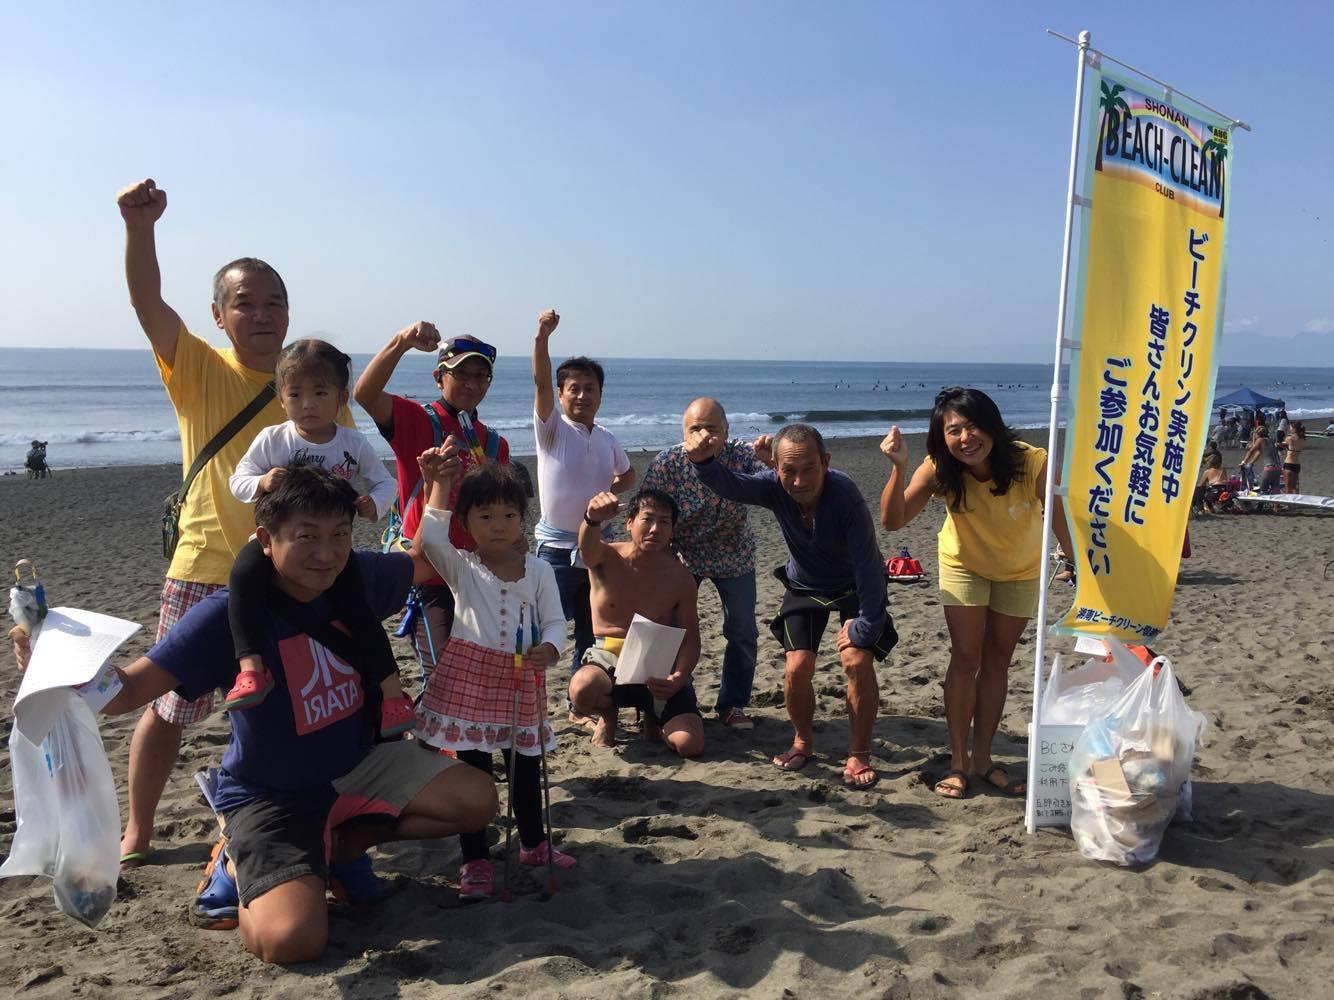 【終了】2019年11月16日(土) 第47回調べるビーチクリーン@辻堂海岸